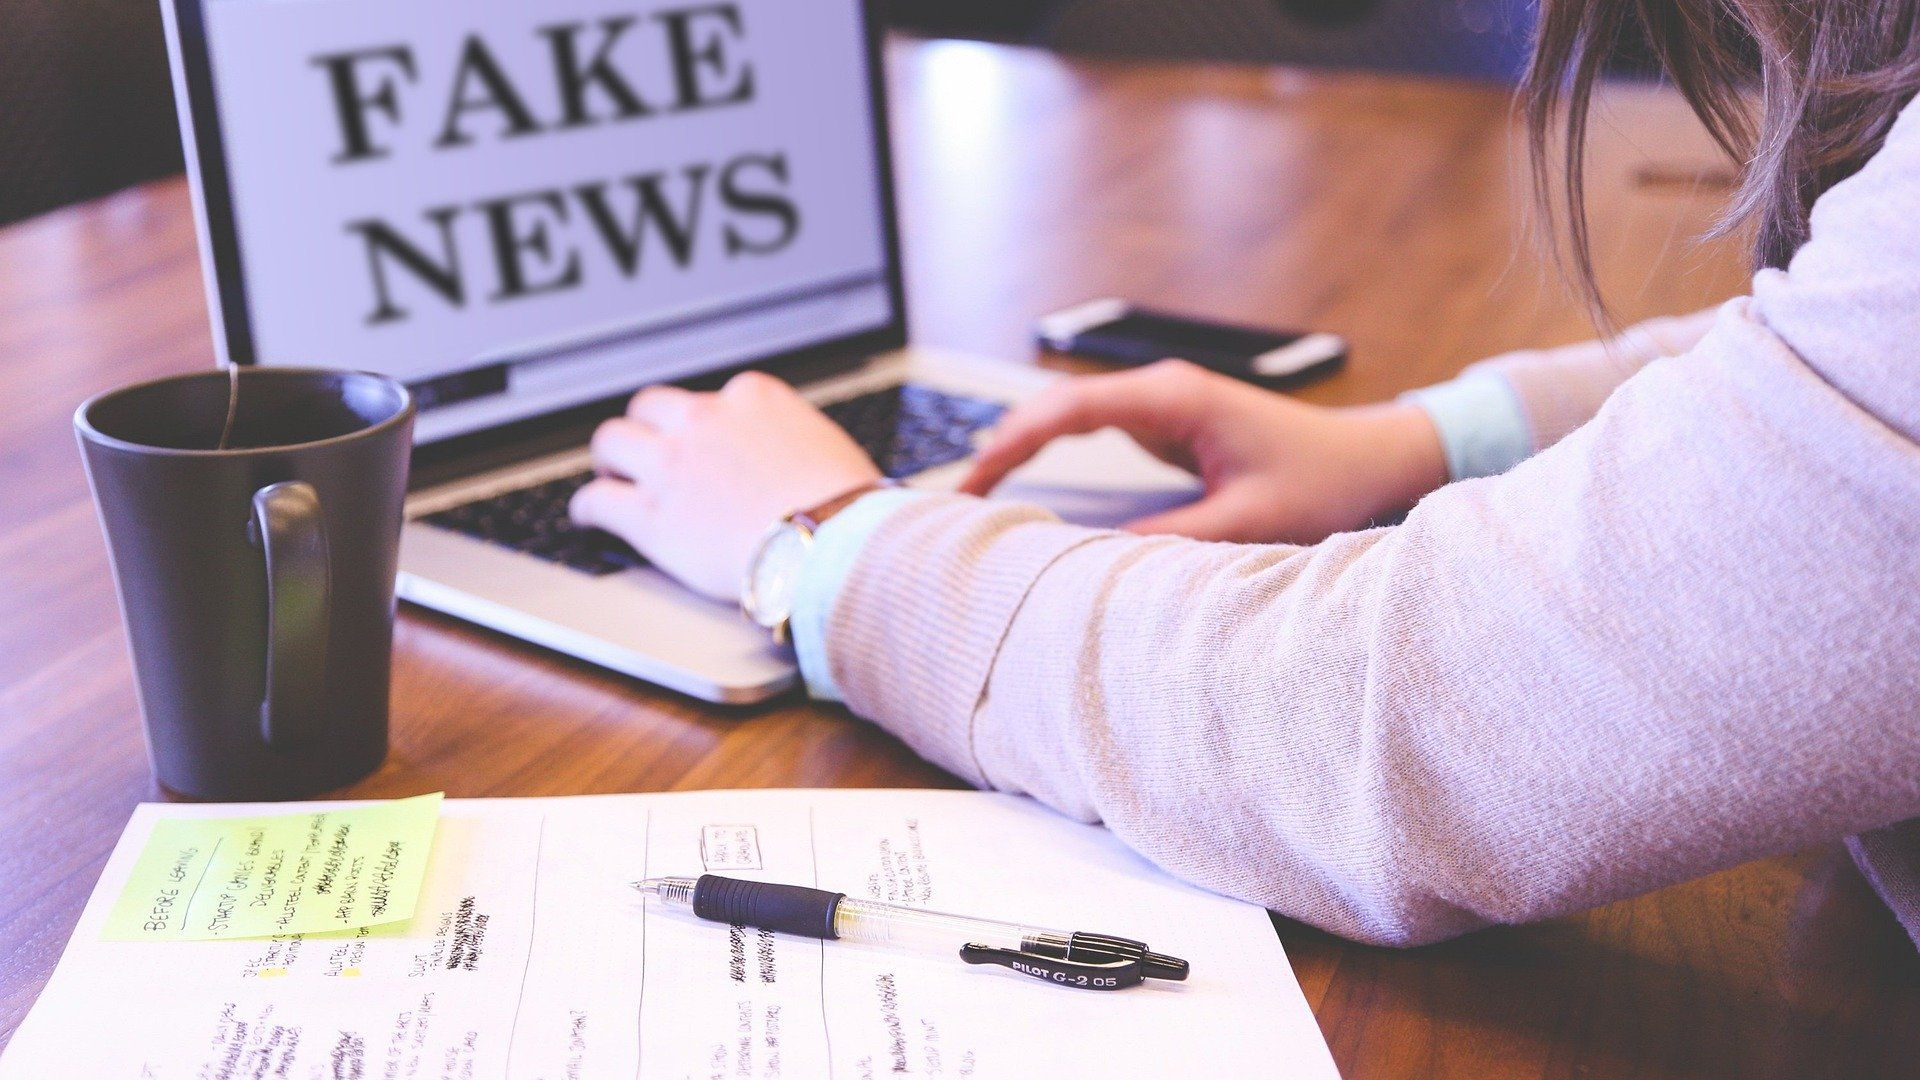 Fugir das fake news não é suficiente para desviarmos de todas as pedradas lançadas sobre nós em